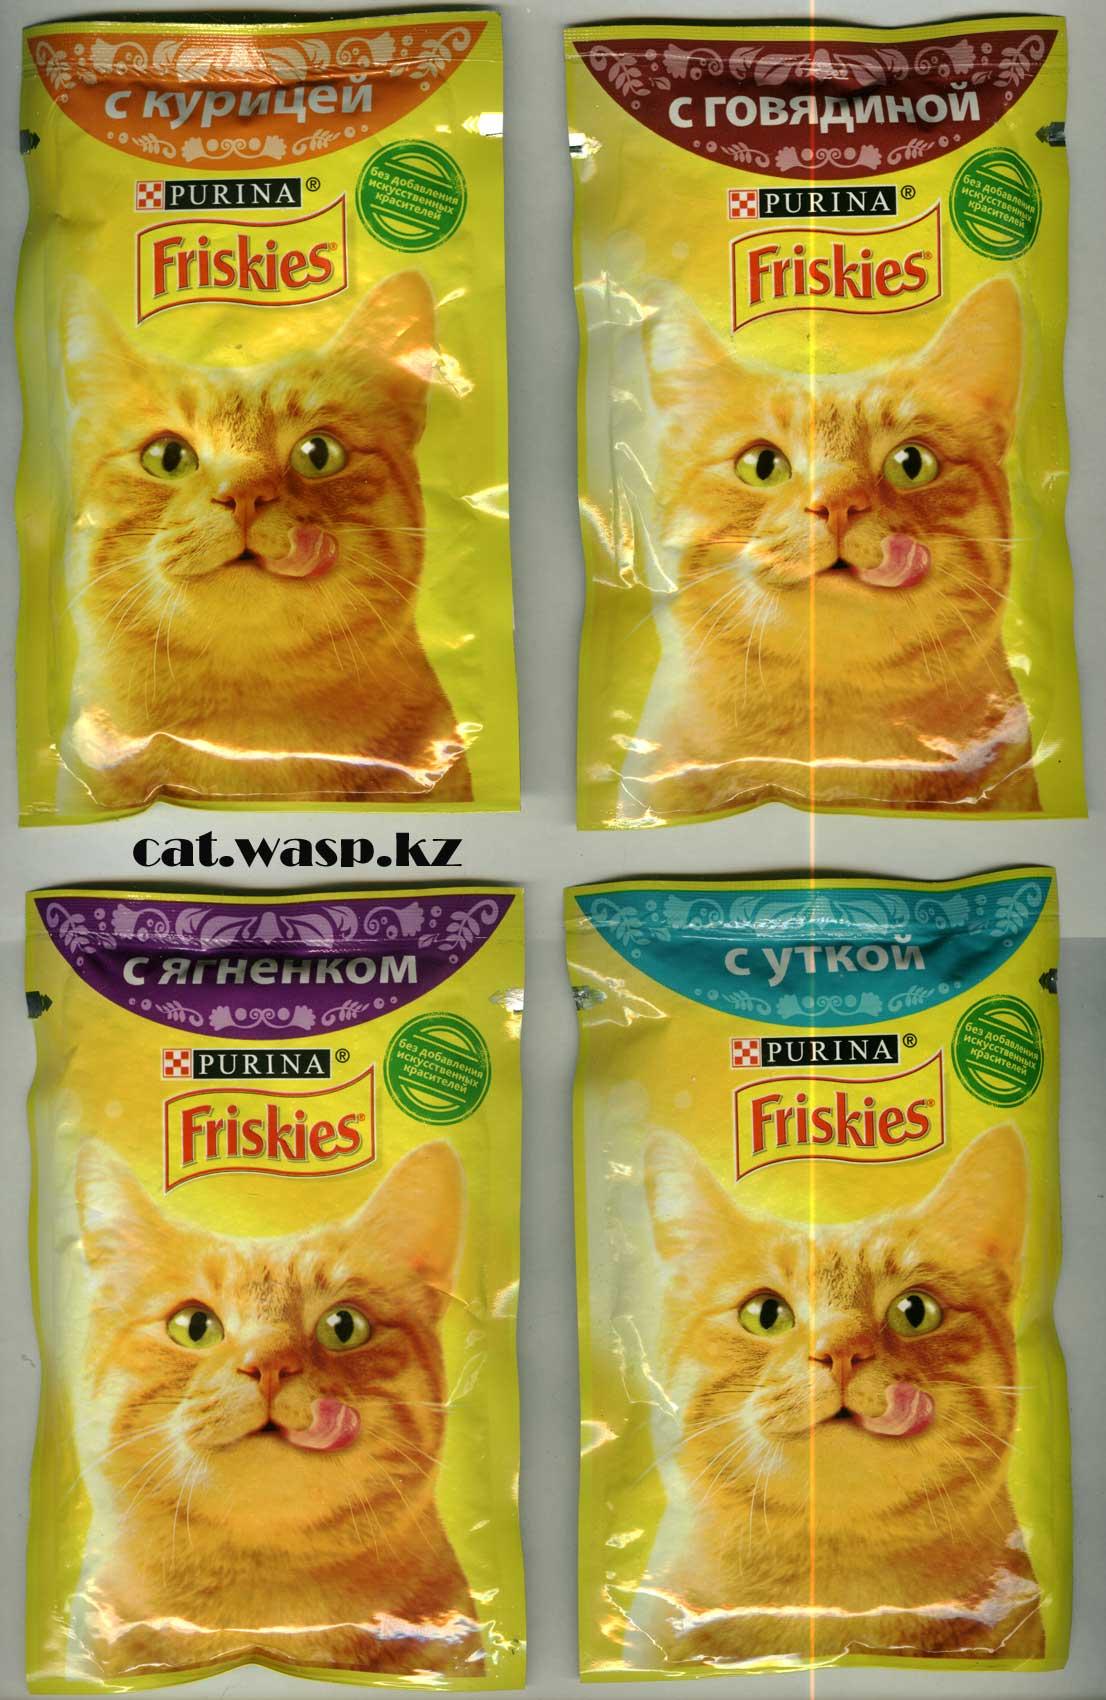 Friskies корма в пакетиках с подливой - хорошо ли оно для кошек?